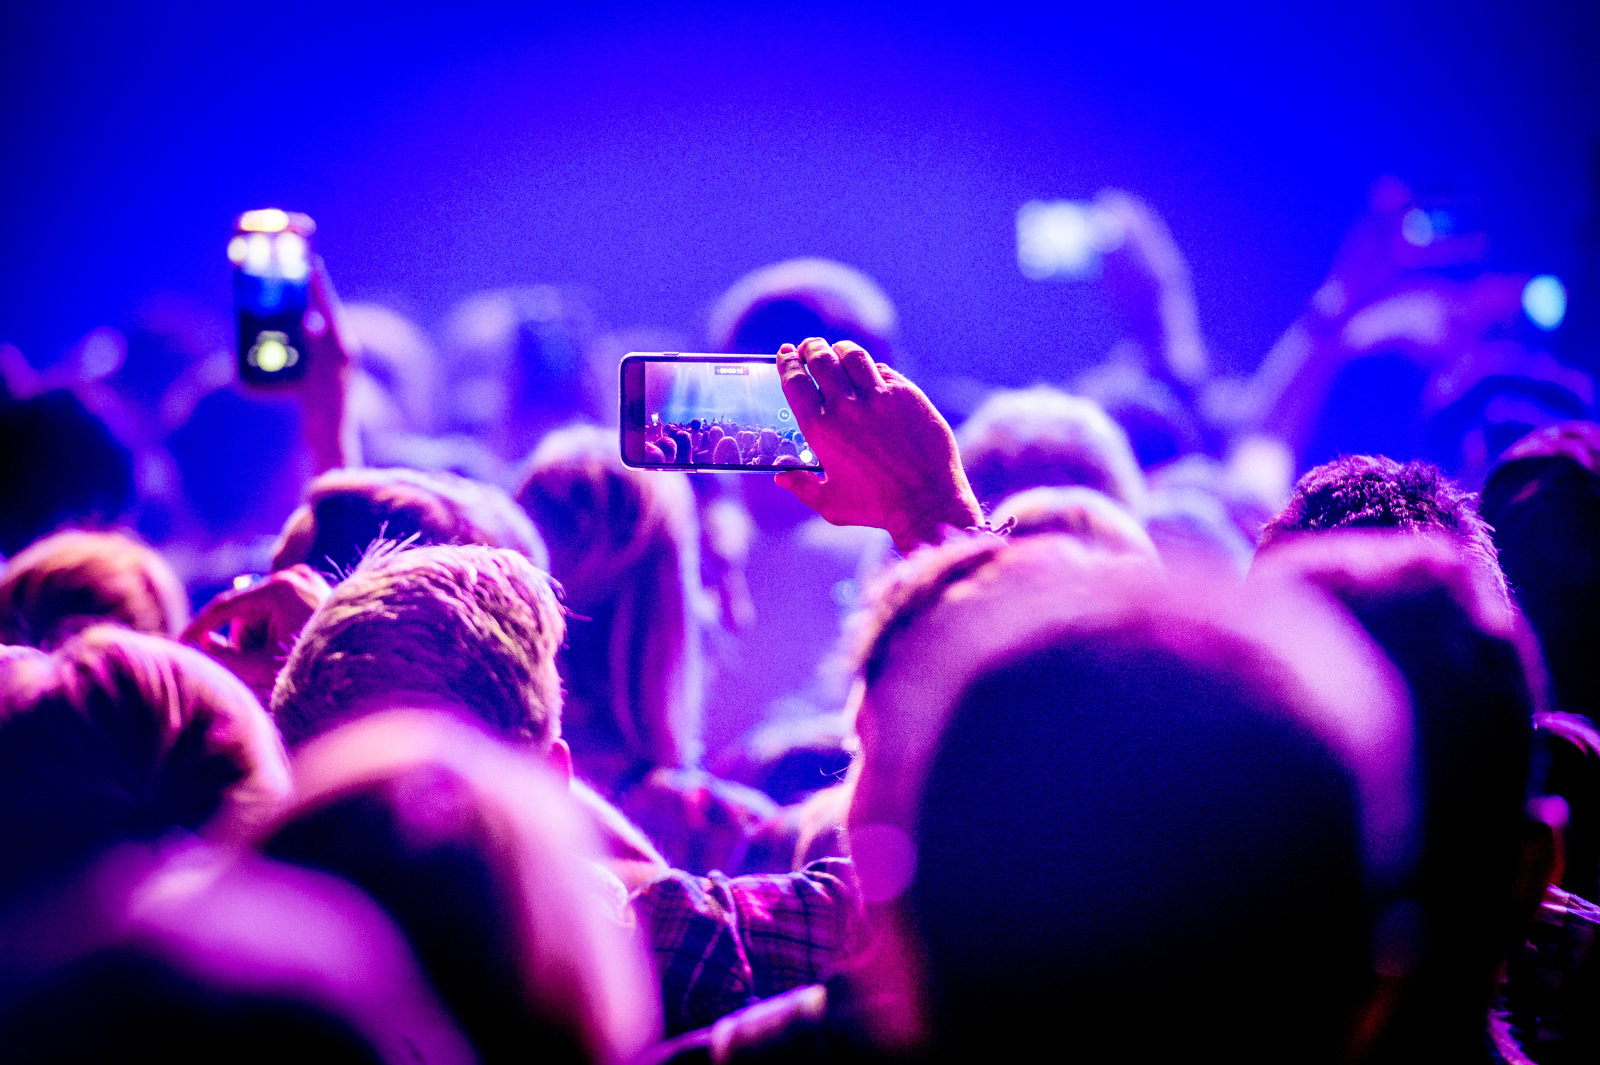 Facebook, accordo con Sony per utilizzare le canzoni nei video